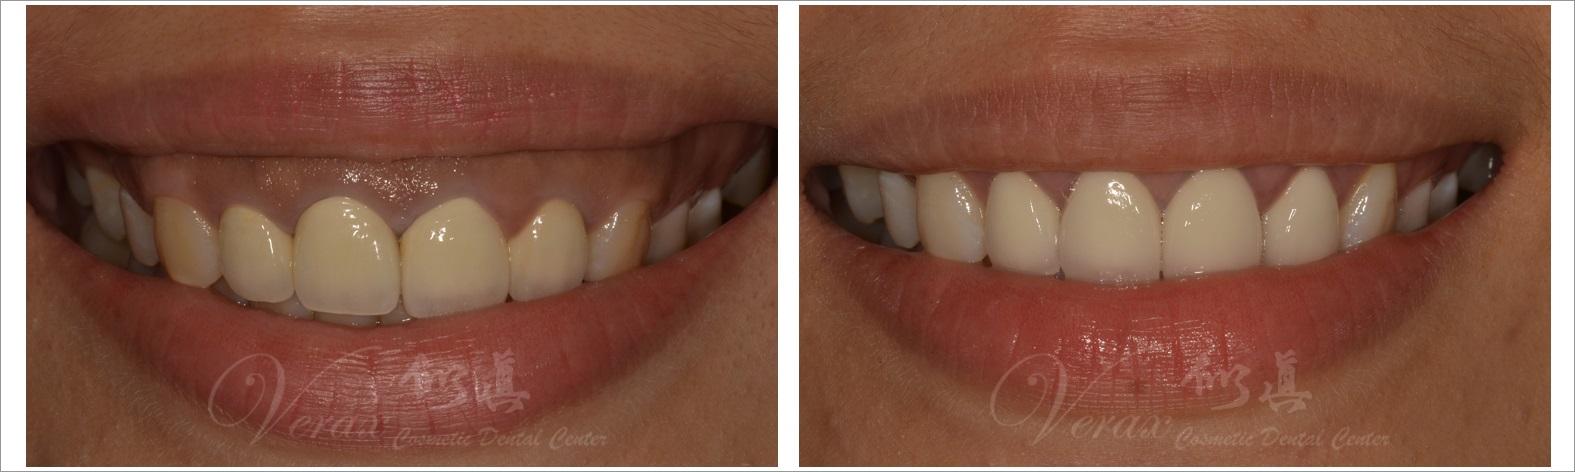 水雷射牙齦整形+美學全瓷贗復 ★ 打造女神系氣質 ★ 小文 ~ | 似真牙醫